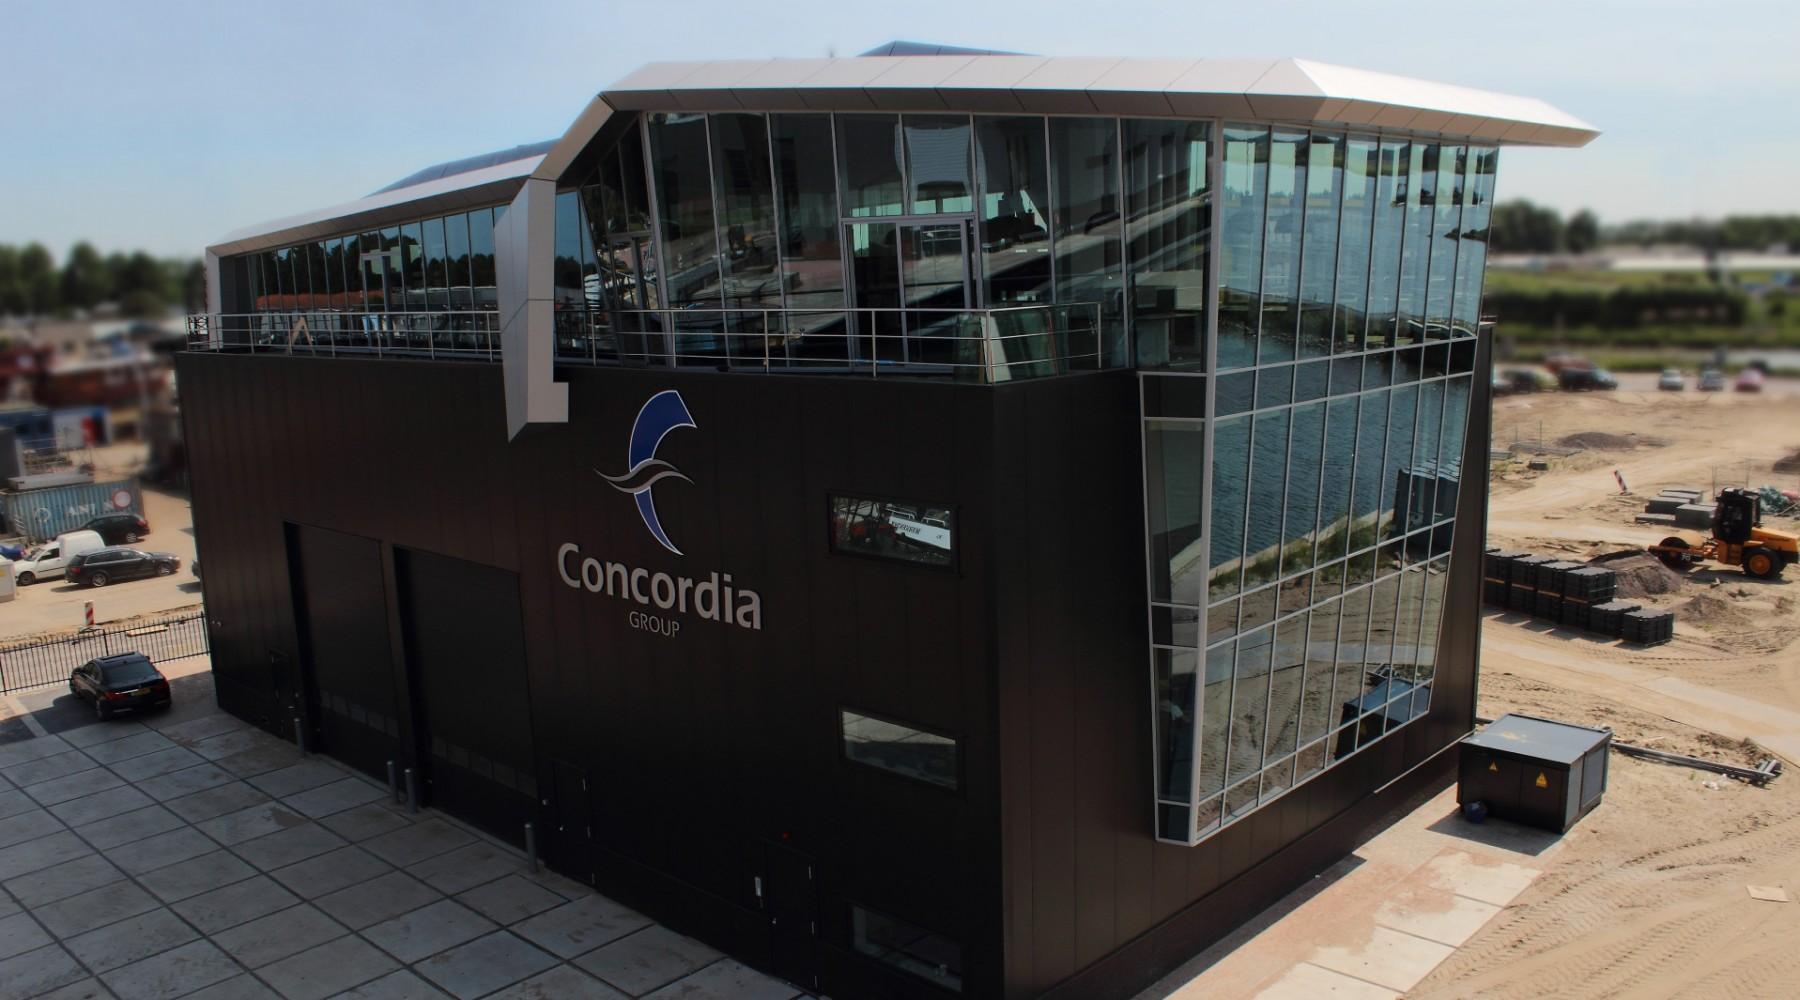 Nieuwbouw motortankschip Concordia Group